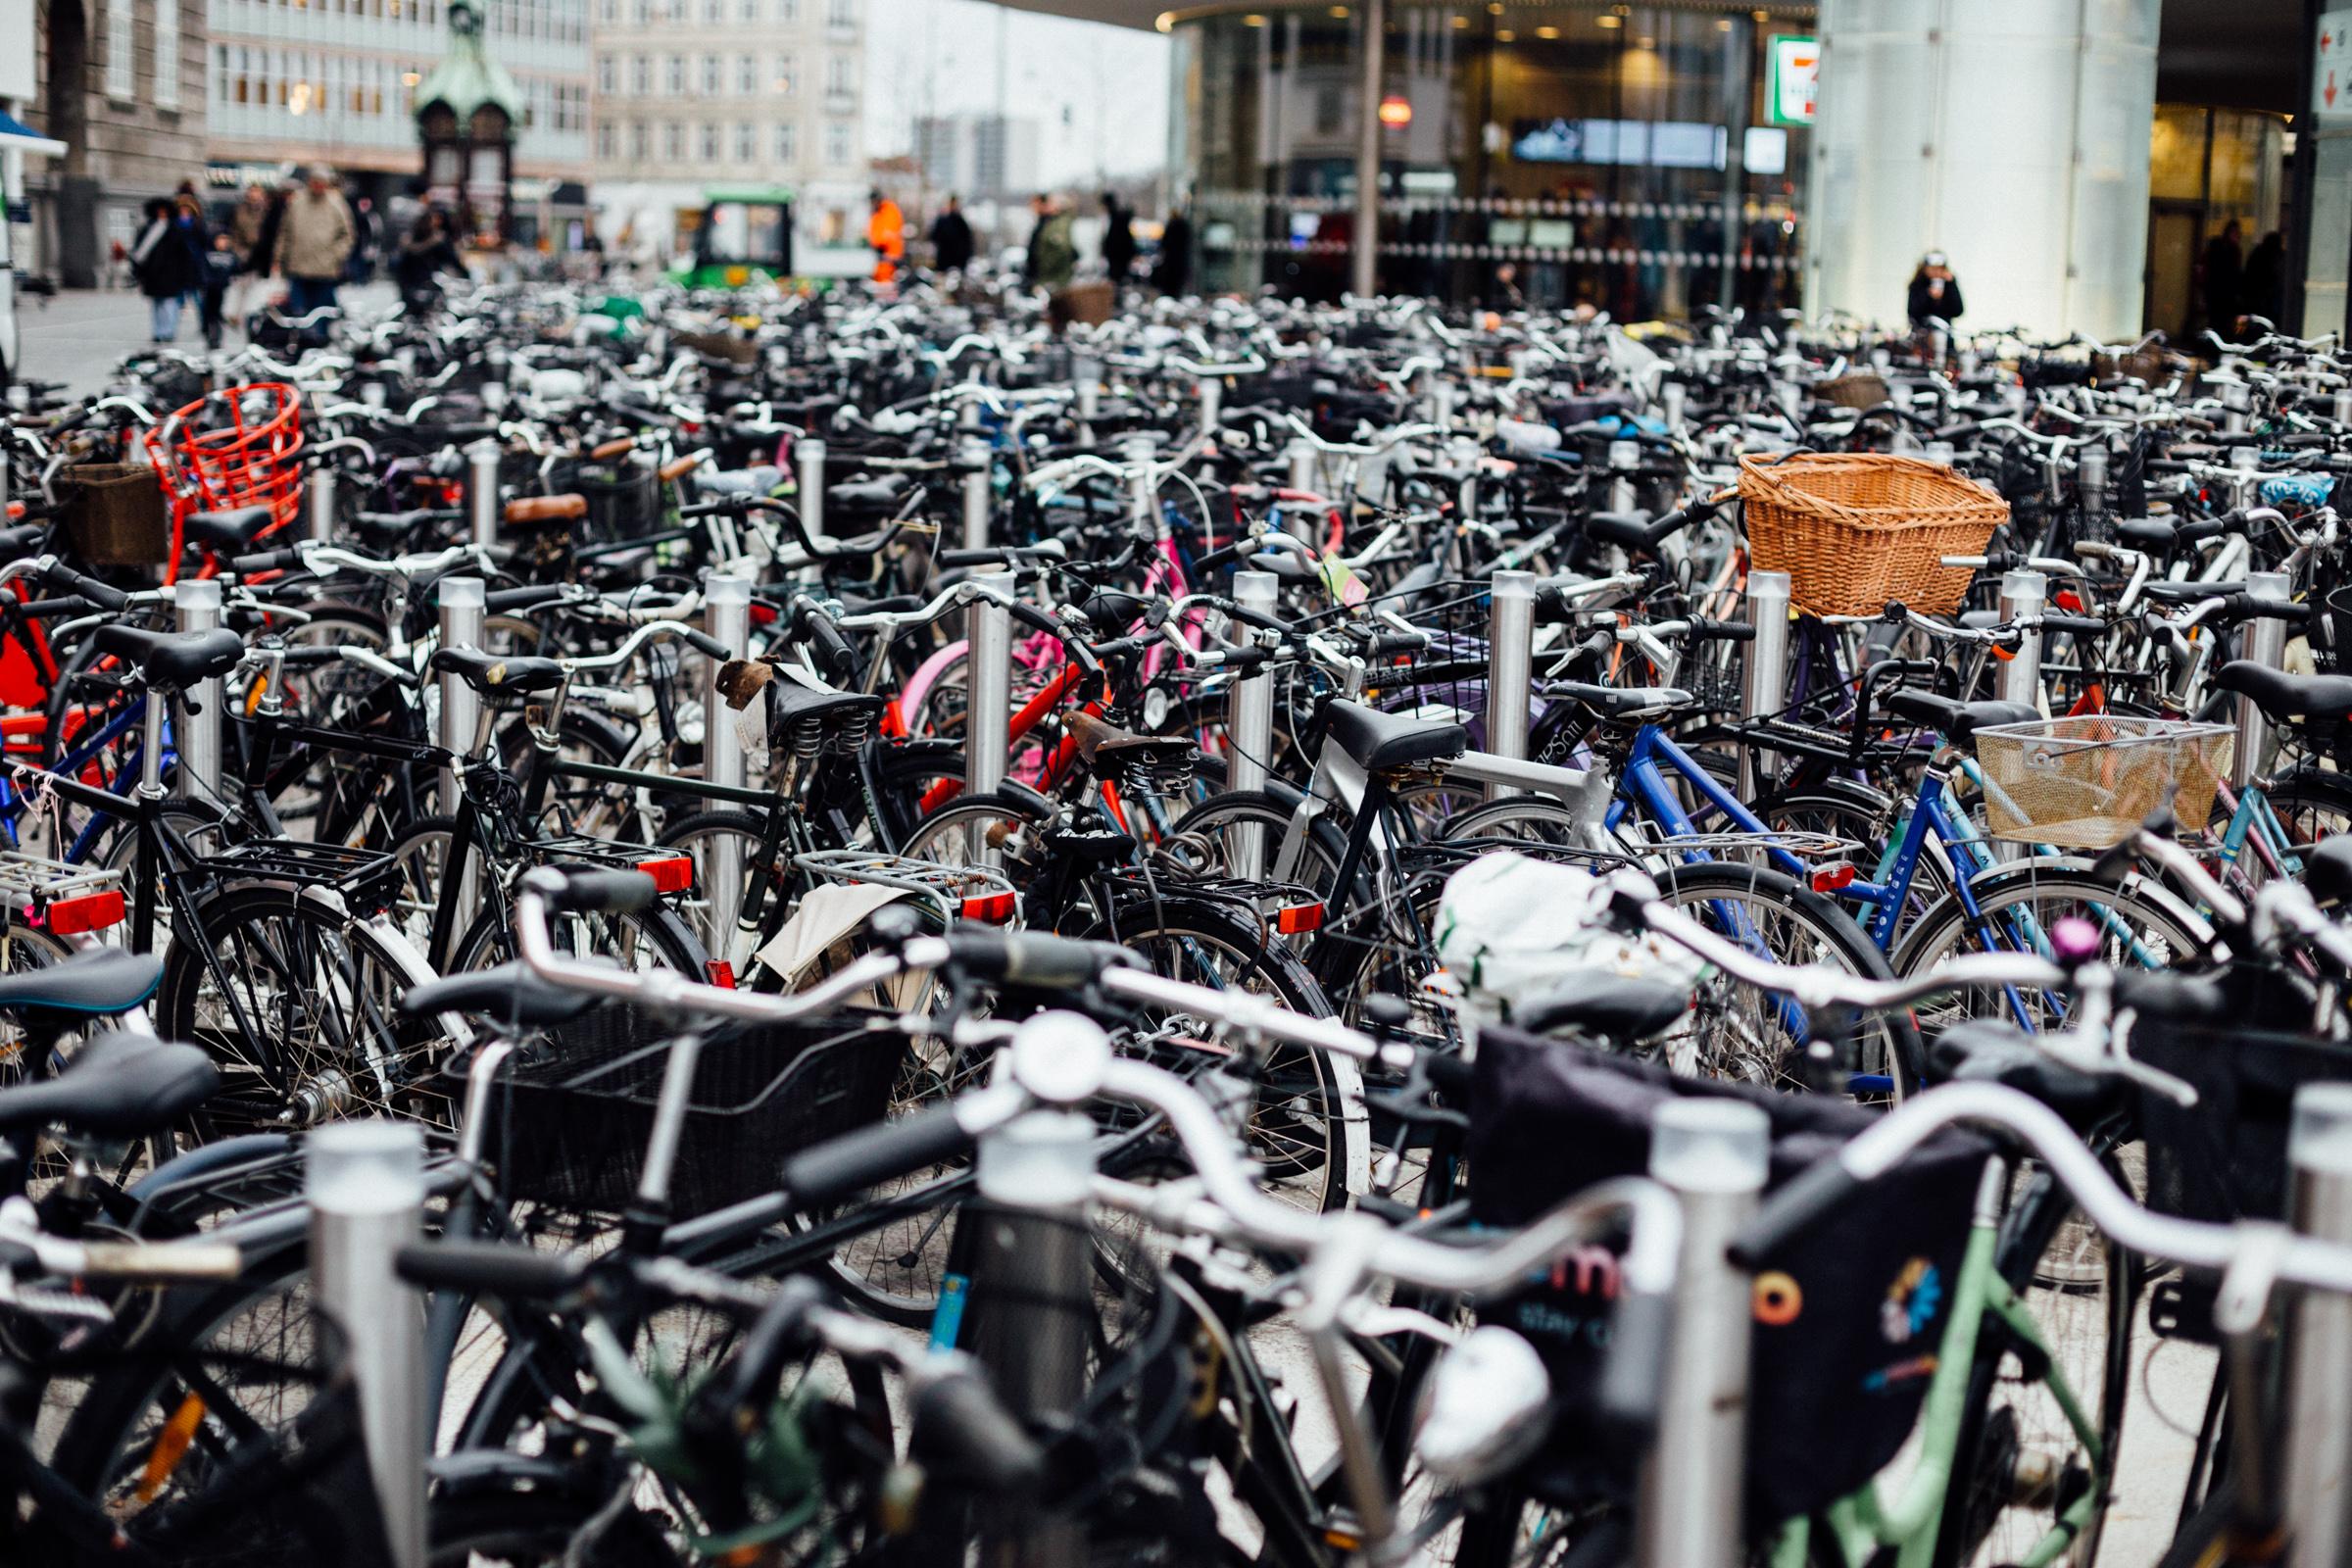 December bike parking in Copenhagen